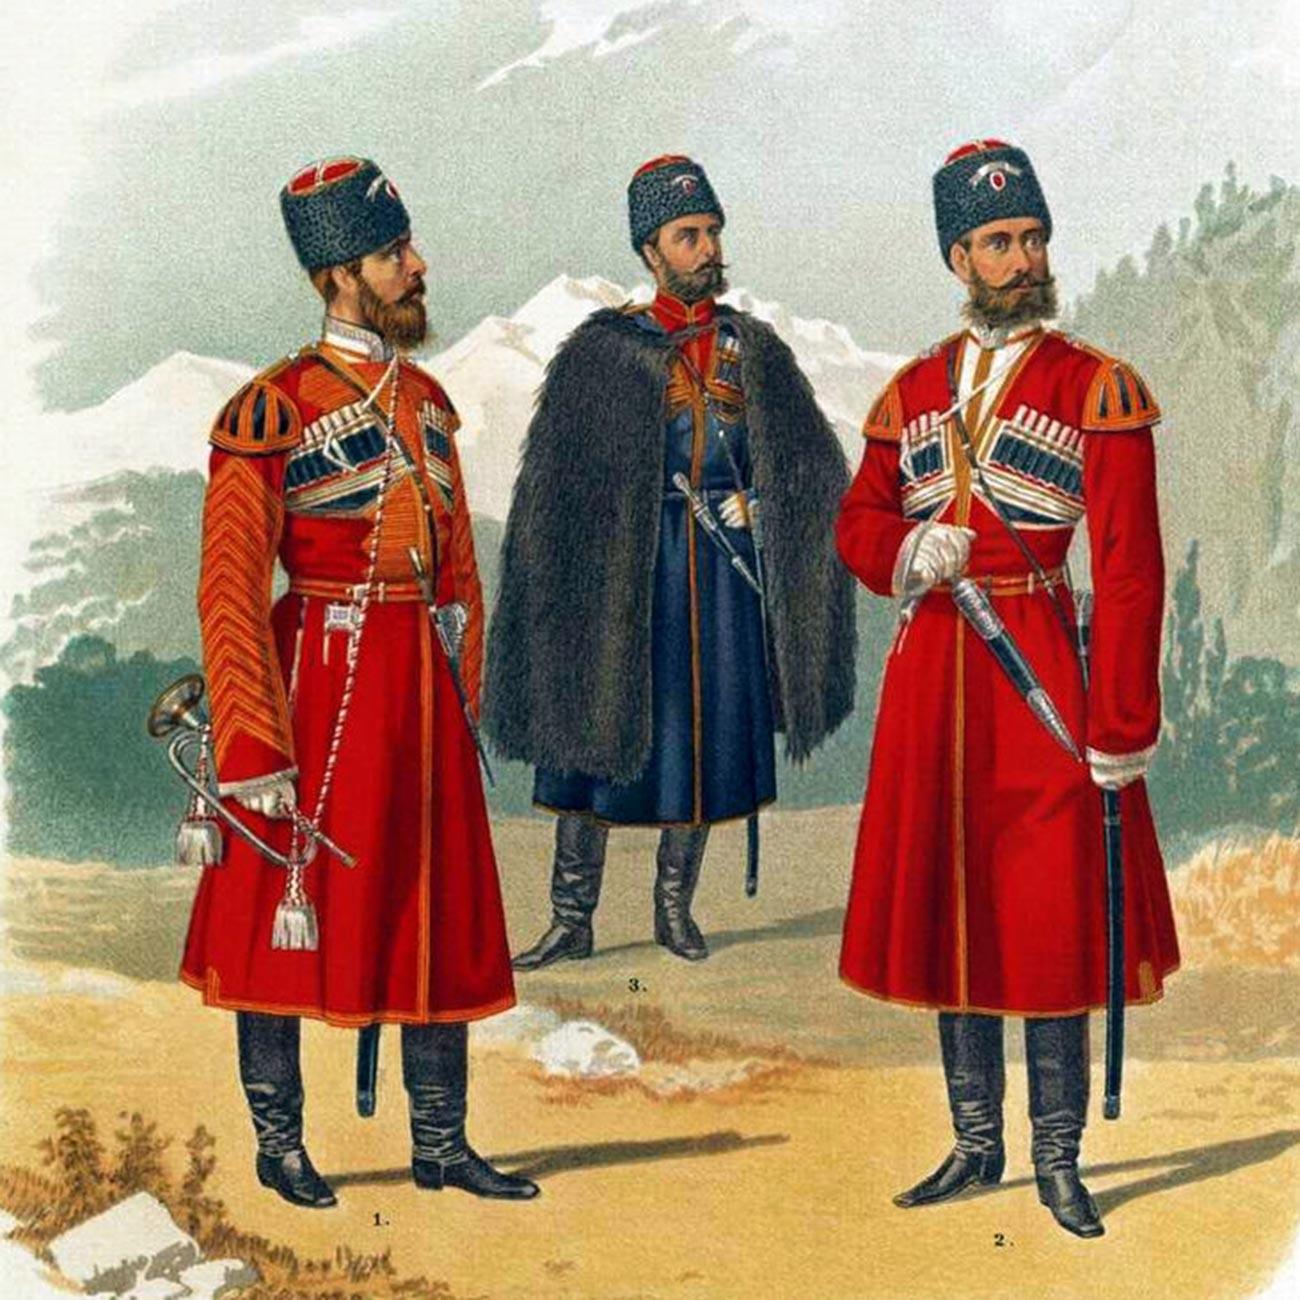 Uniforme du régiment de cosaques de la Garde de Sa Majesté